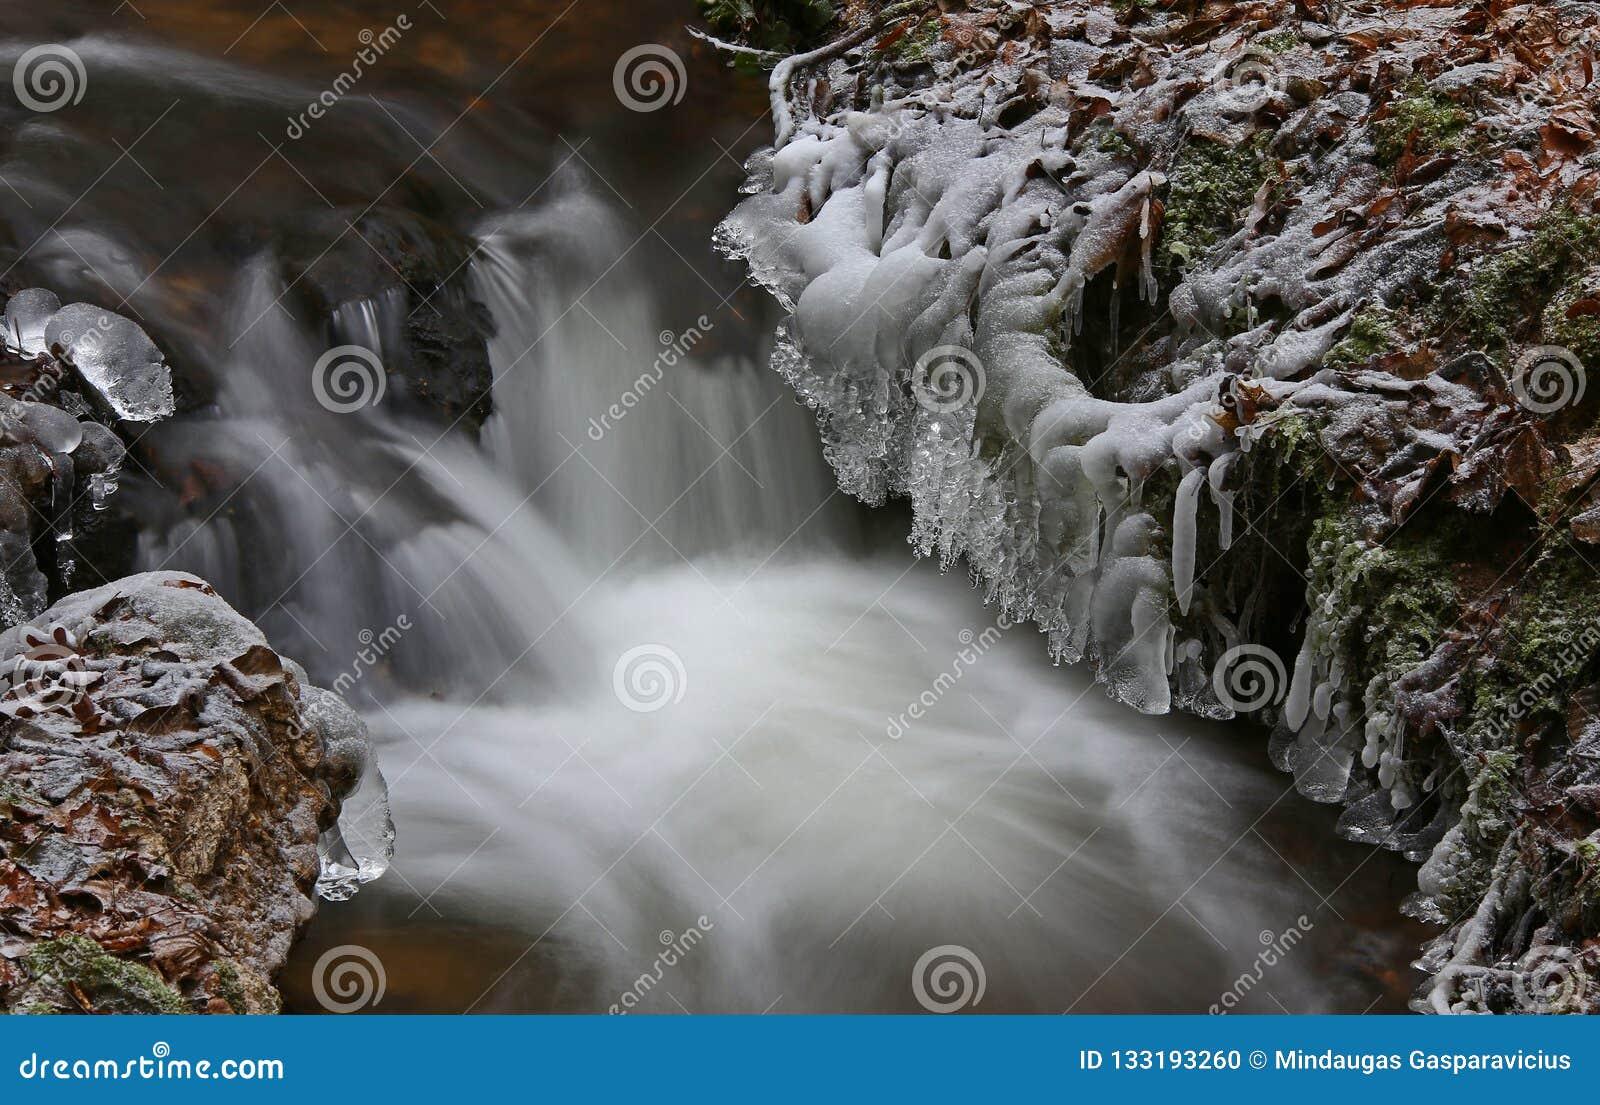 Primeiramente o tempo realmente frio congela a água da angra